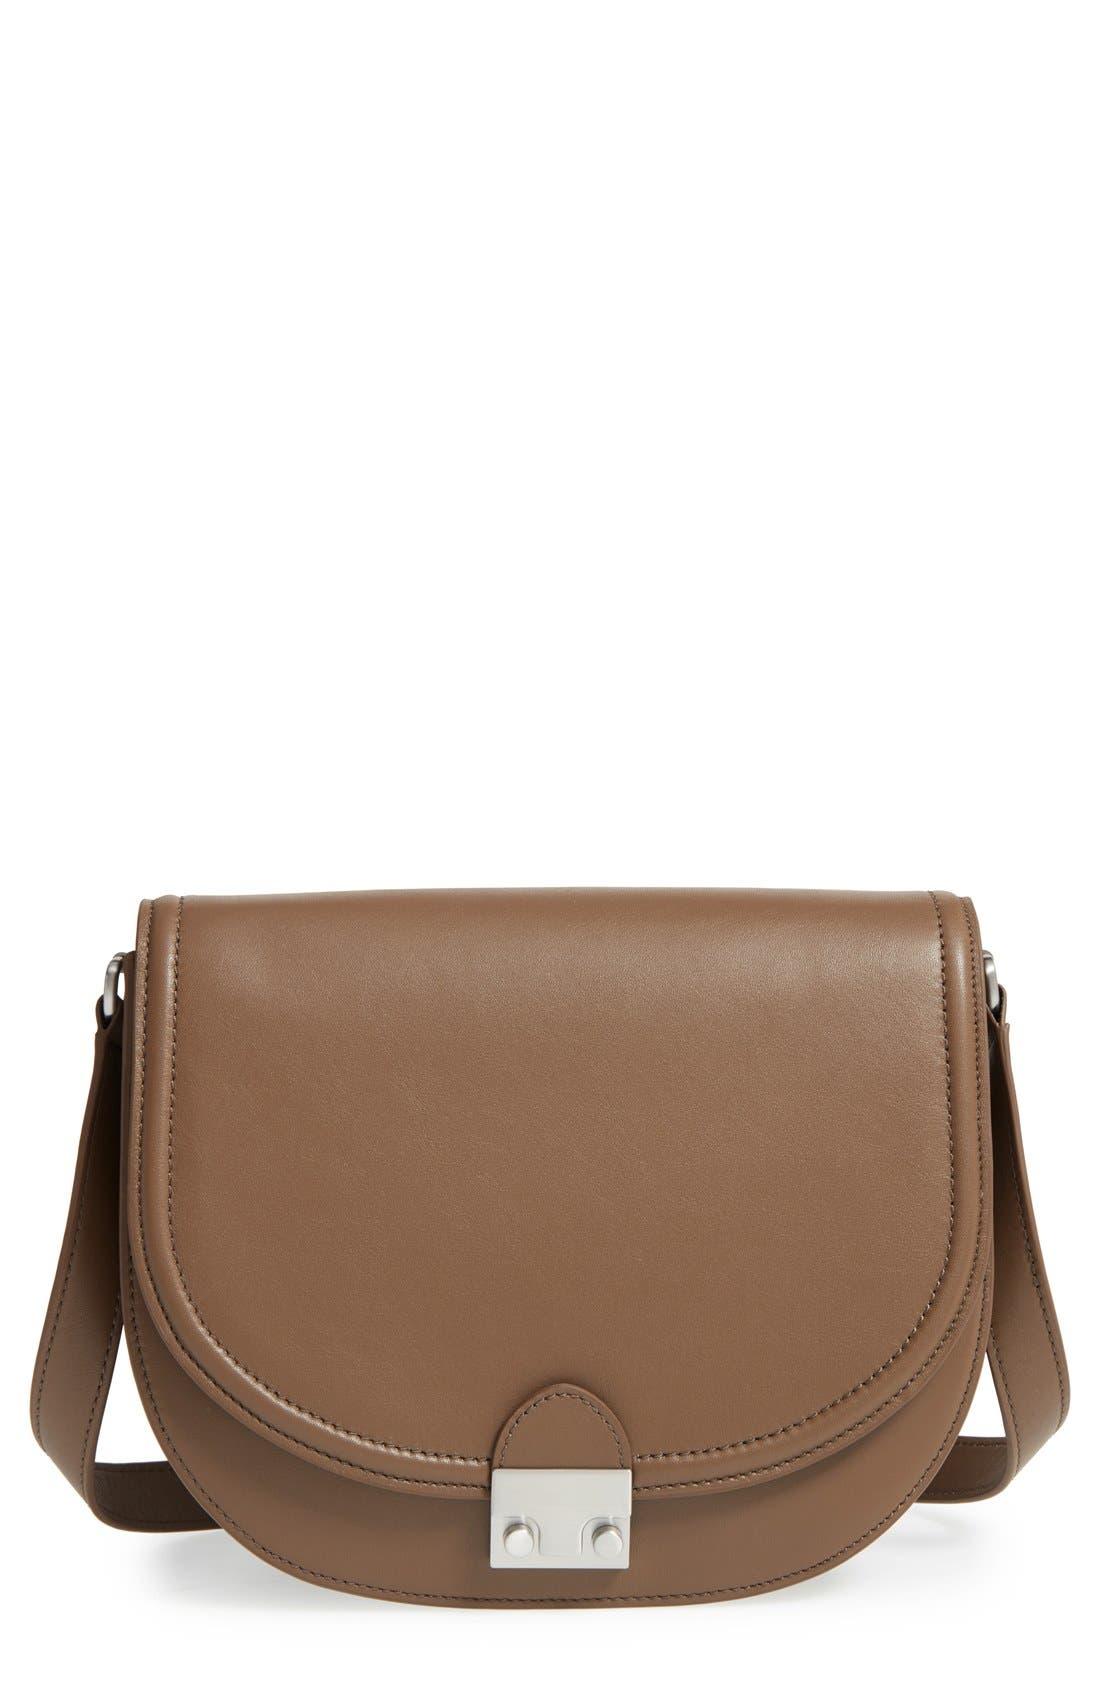 Main Image - Loeffler Randall 'Large' Leather Saddle Bag